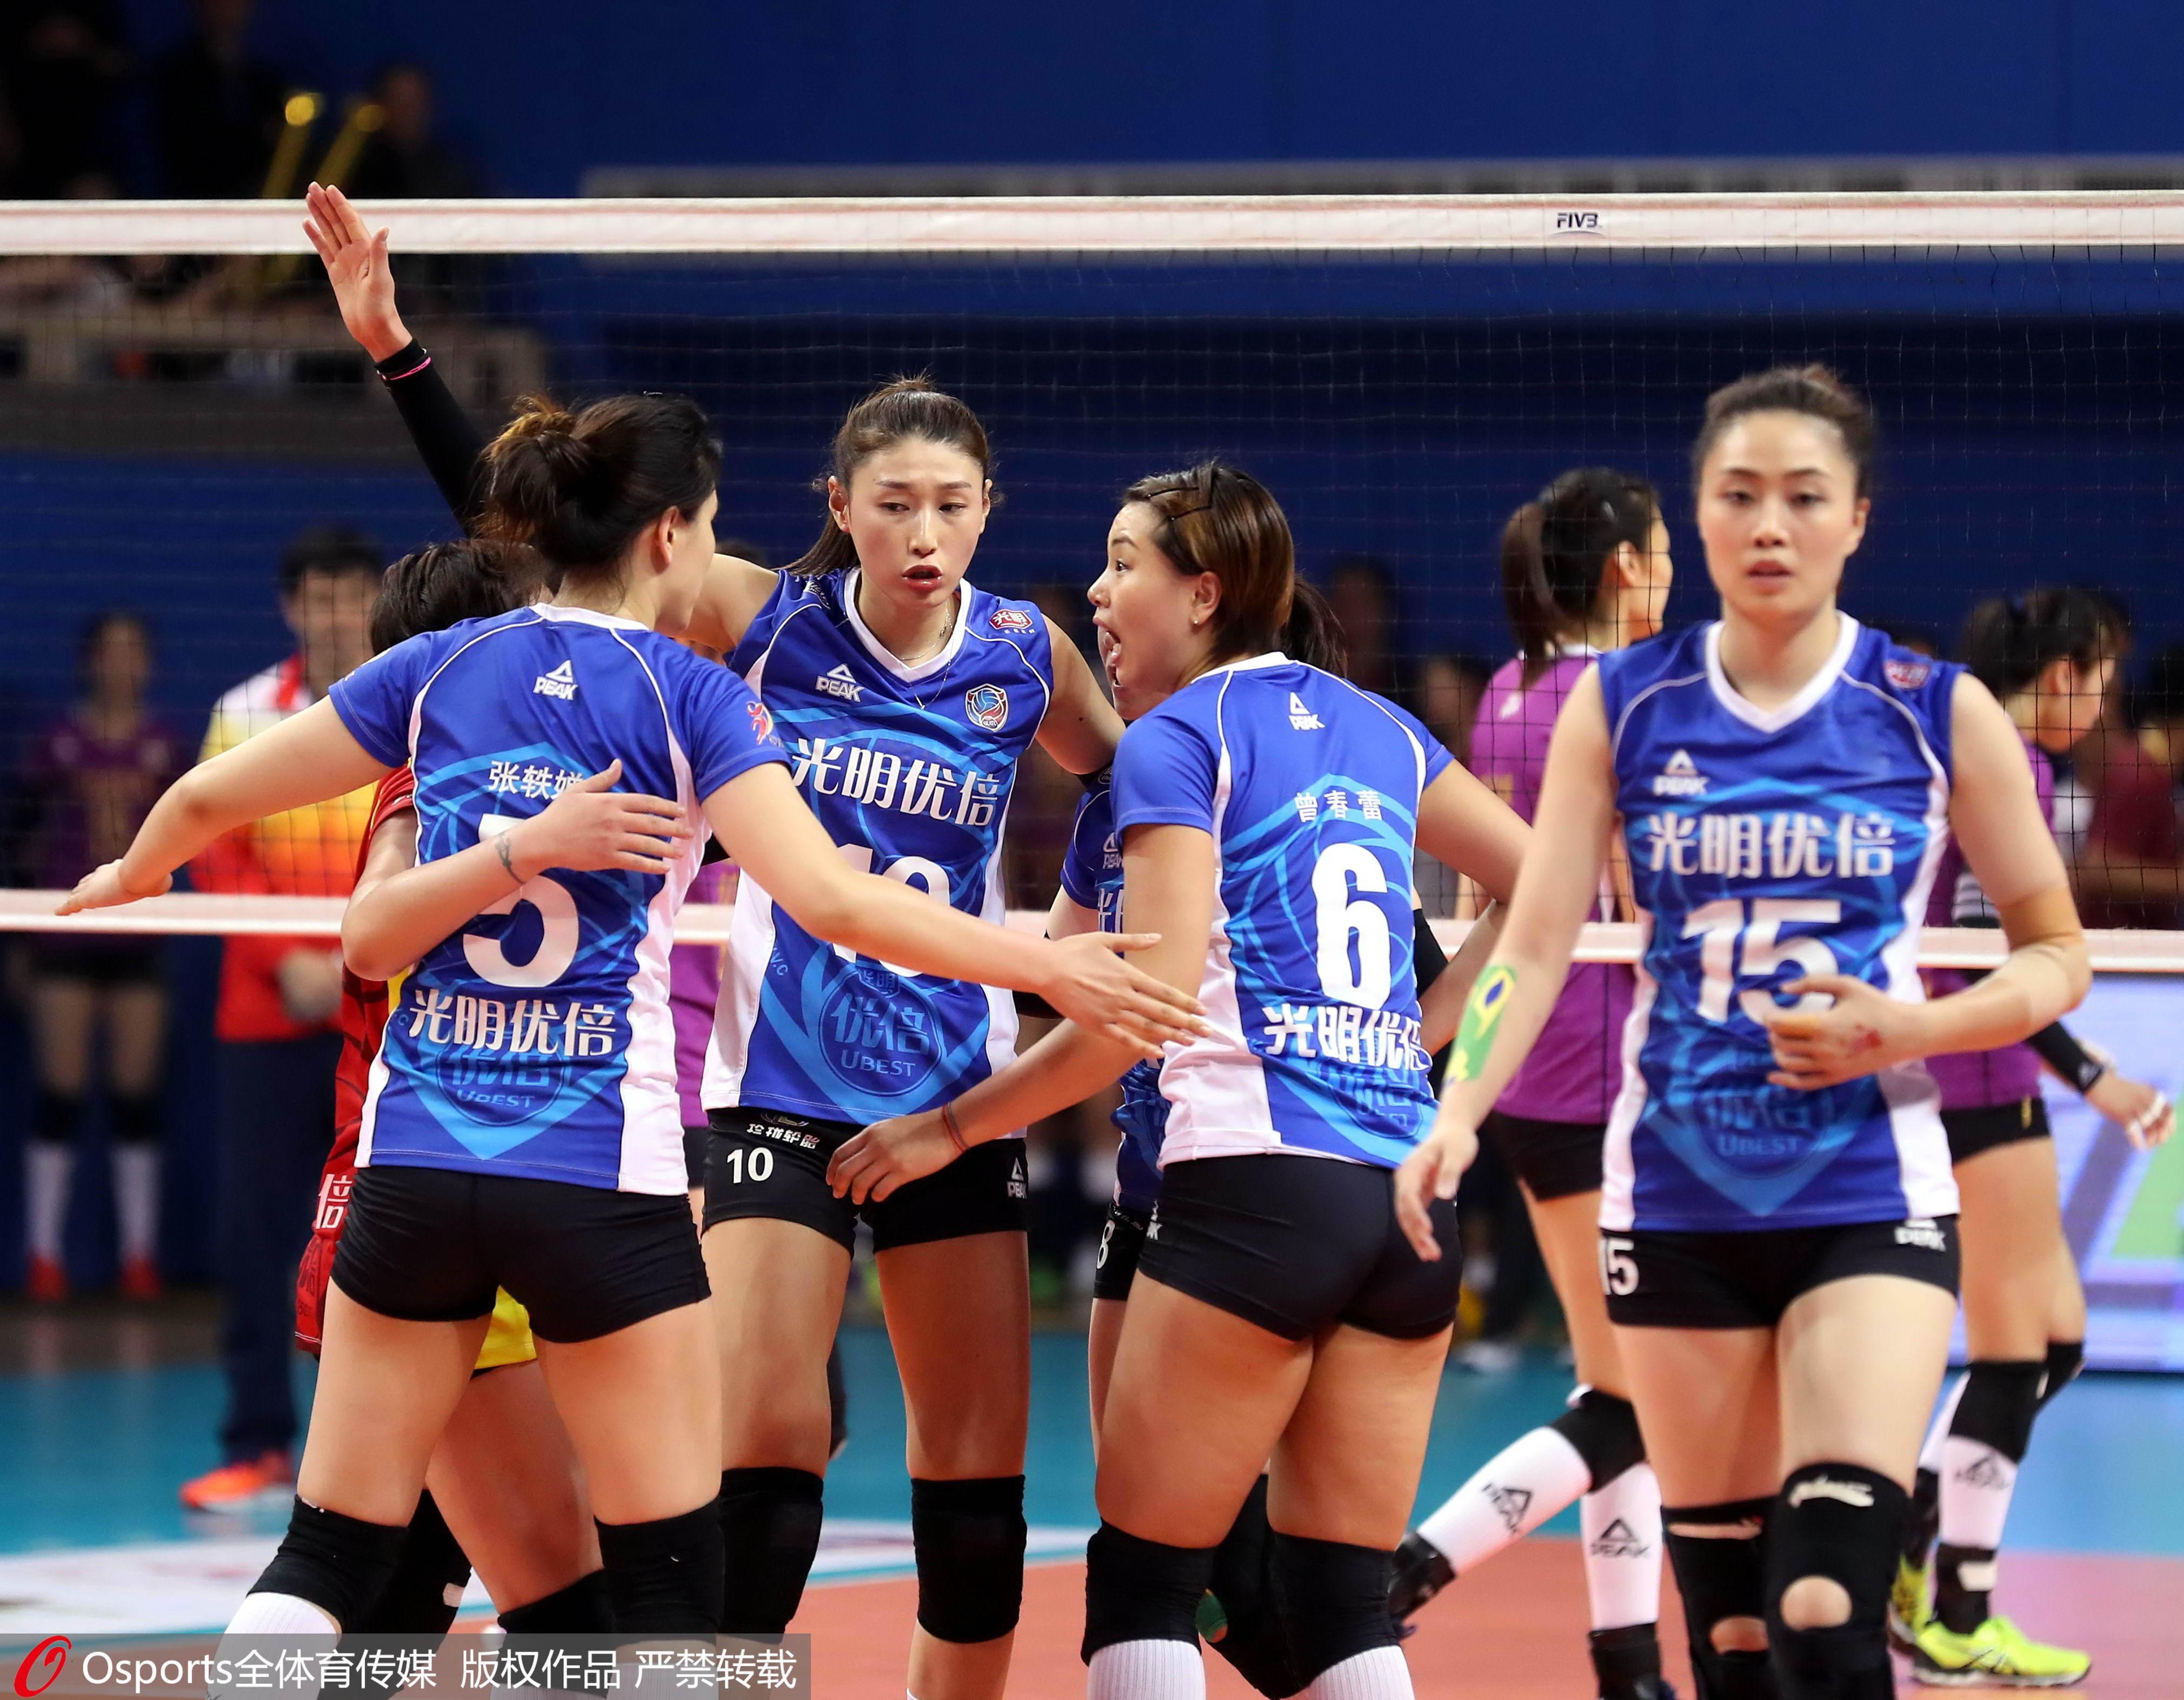 痛失好局!上海女排主场2比3被天津逆袭,总决赛拖进第7场